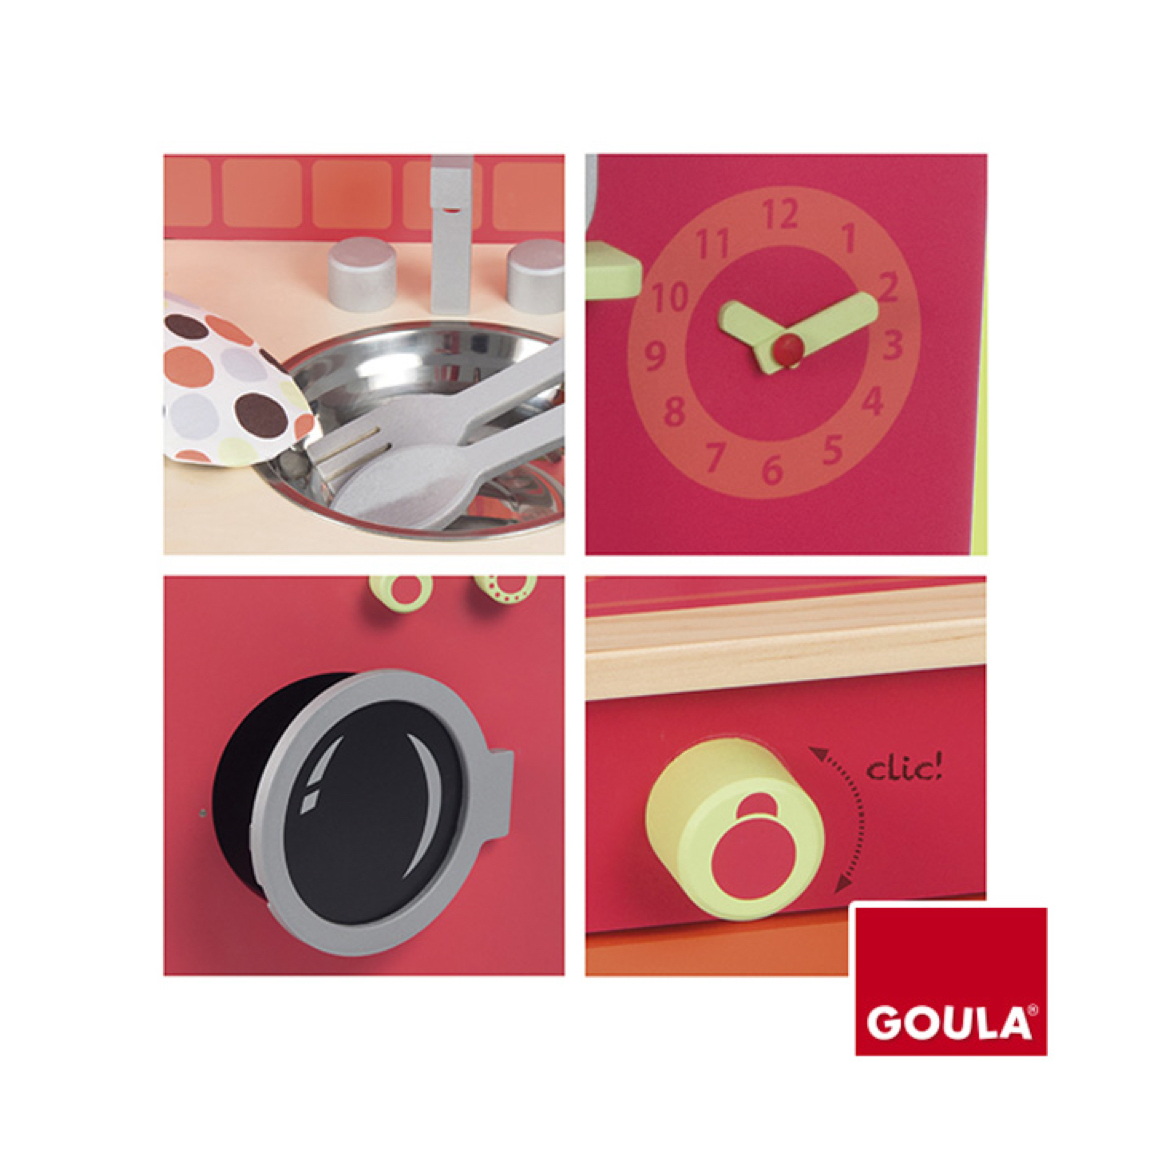 cocina-lavadora-roja-de-goula-en-el-mundo-de-mico-3